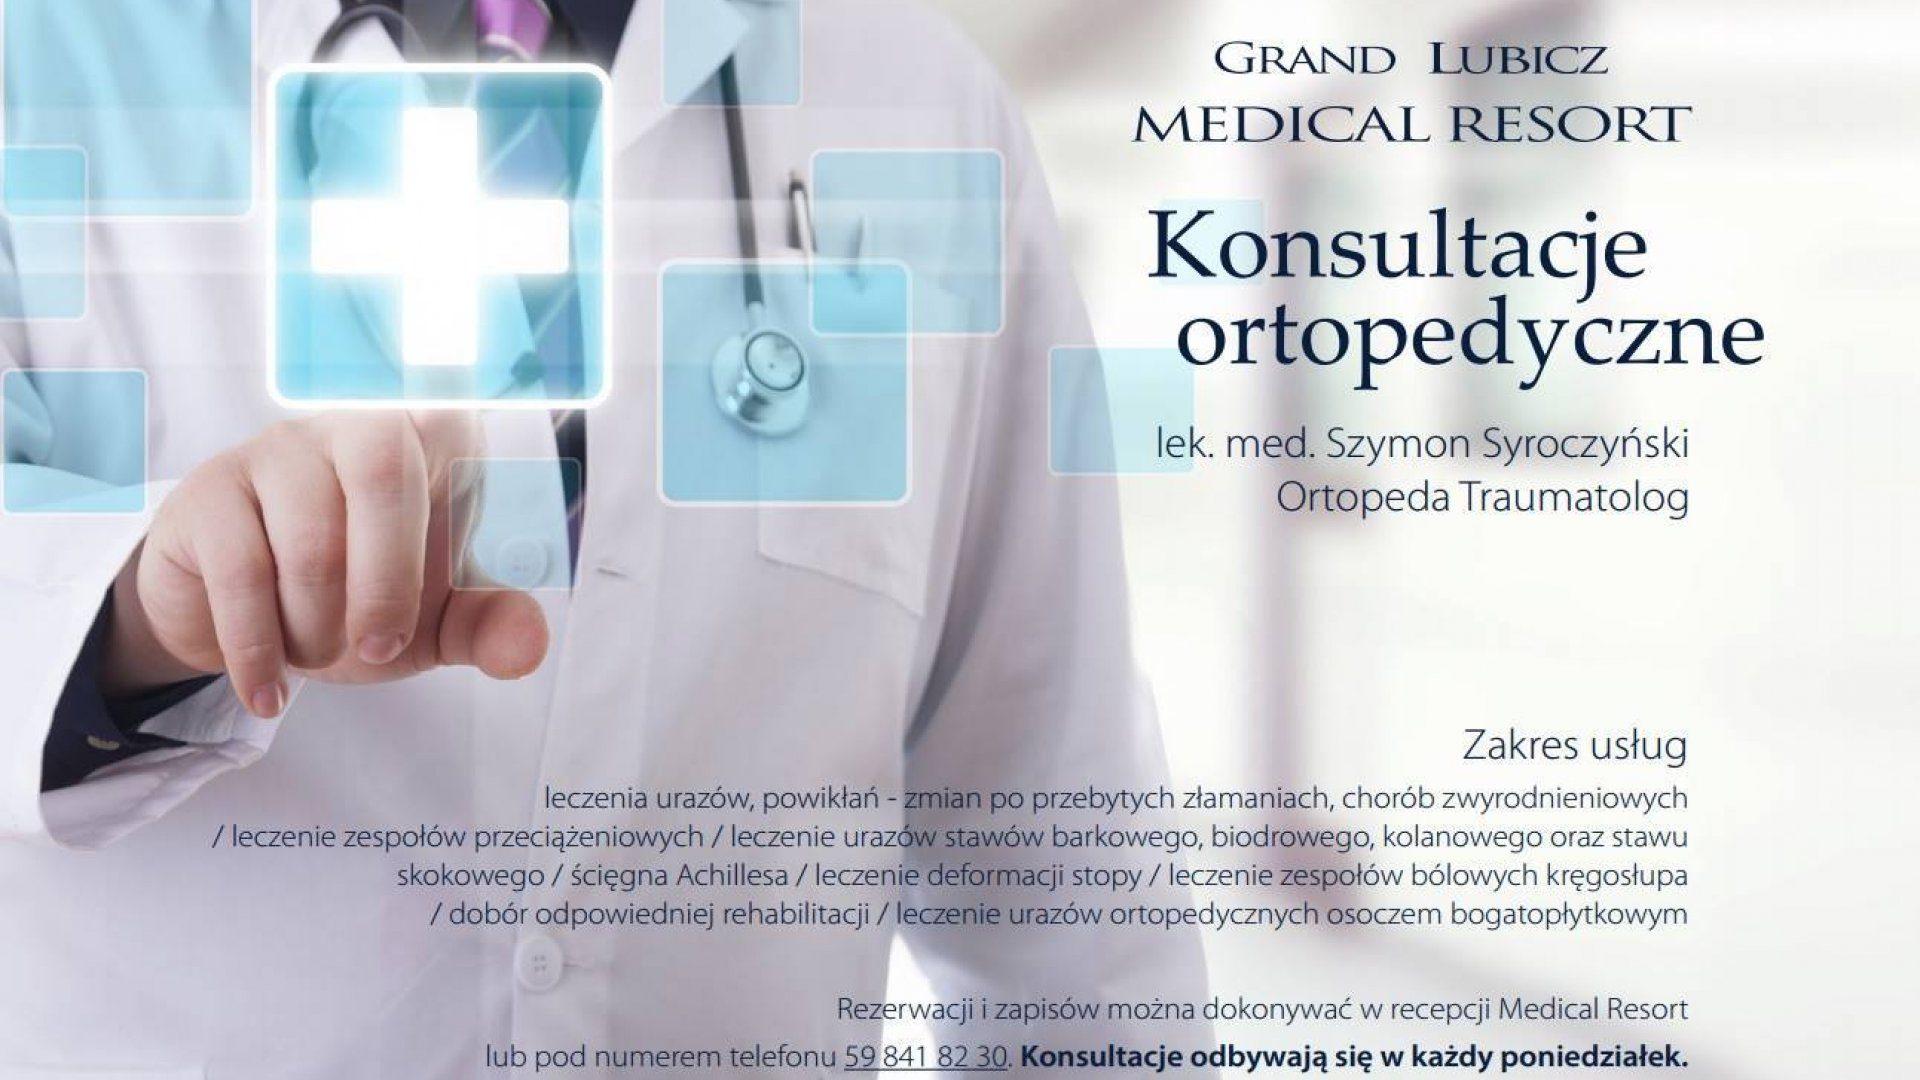 Wprowadzamy konsultacje ortopedyczno-traumatologiczne